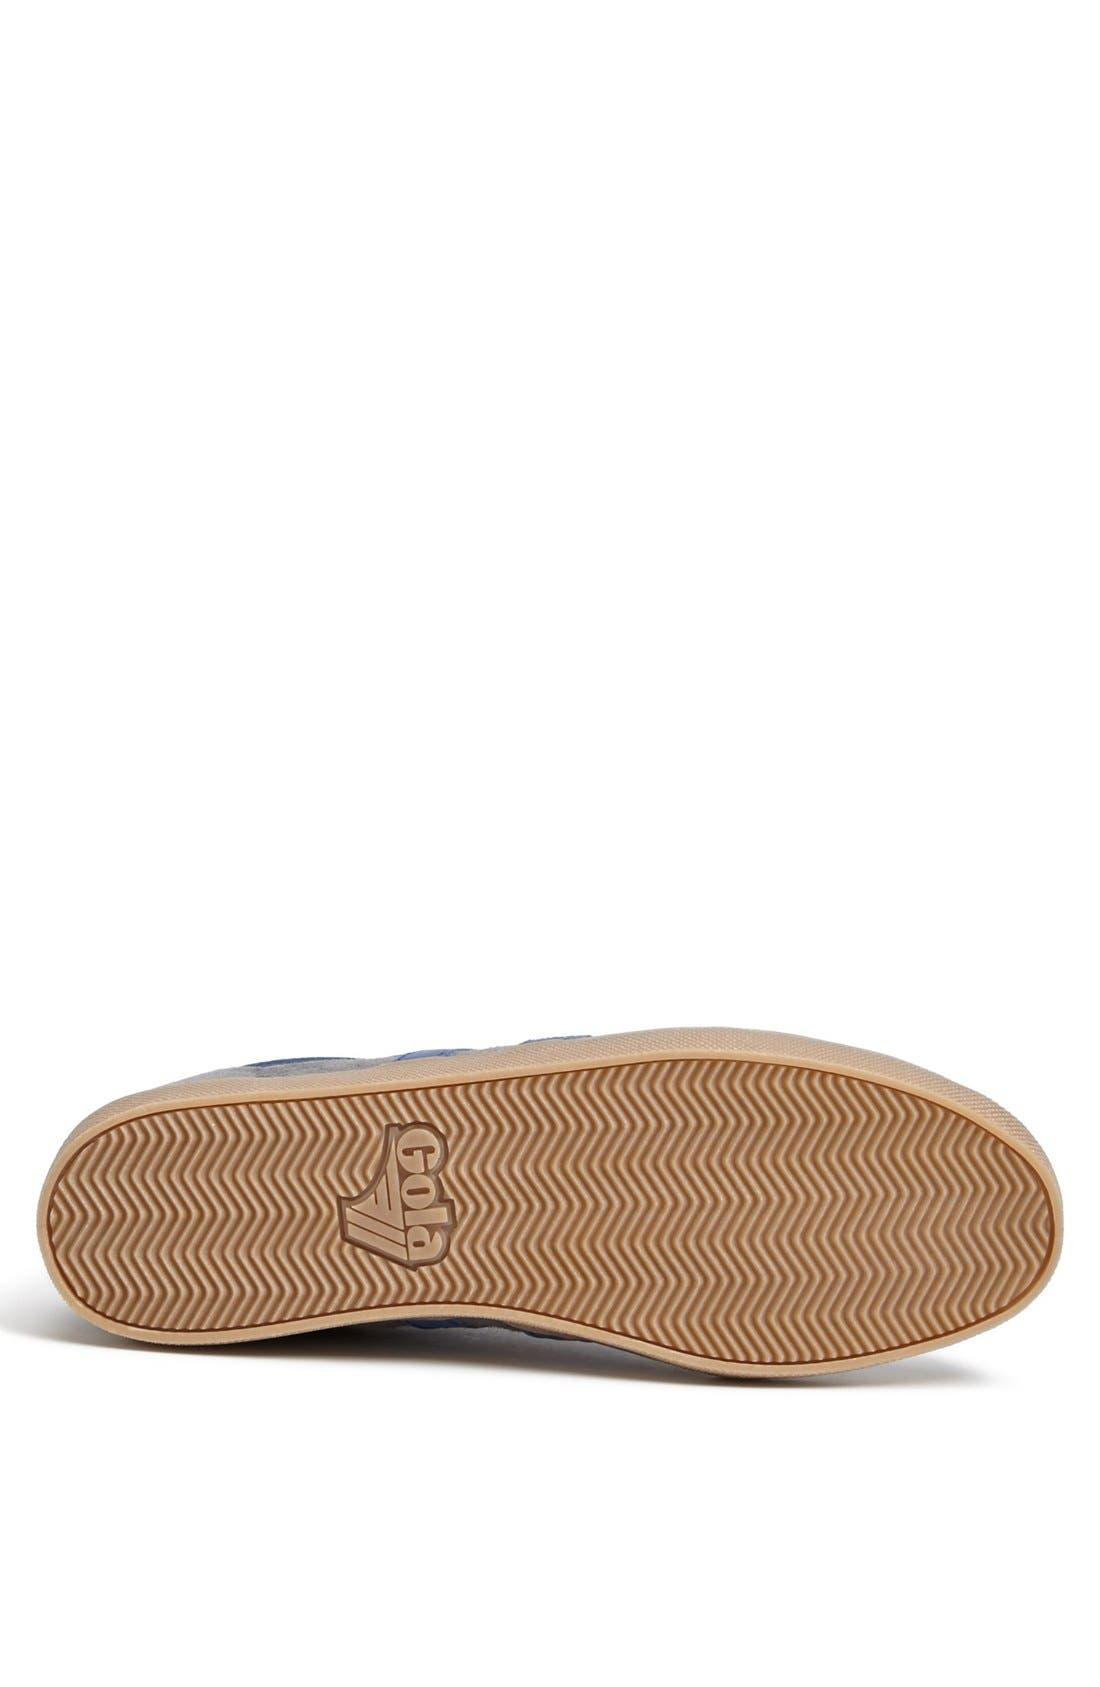 Alternate Image 4  - Gola 'Trainer' Sneaker (Men)